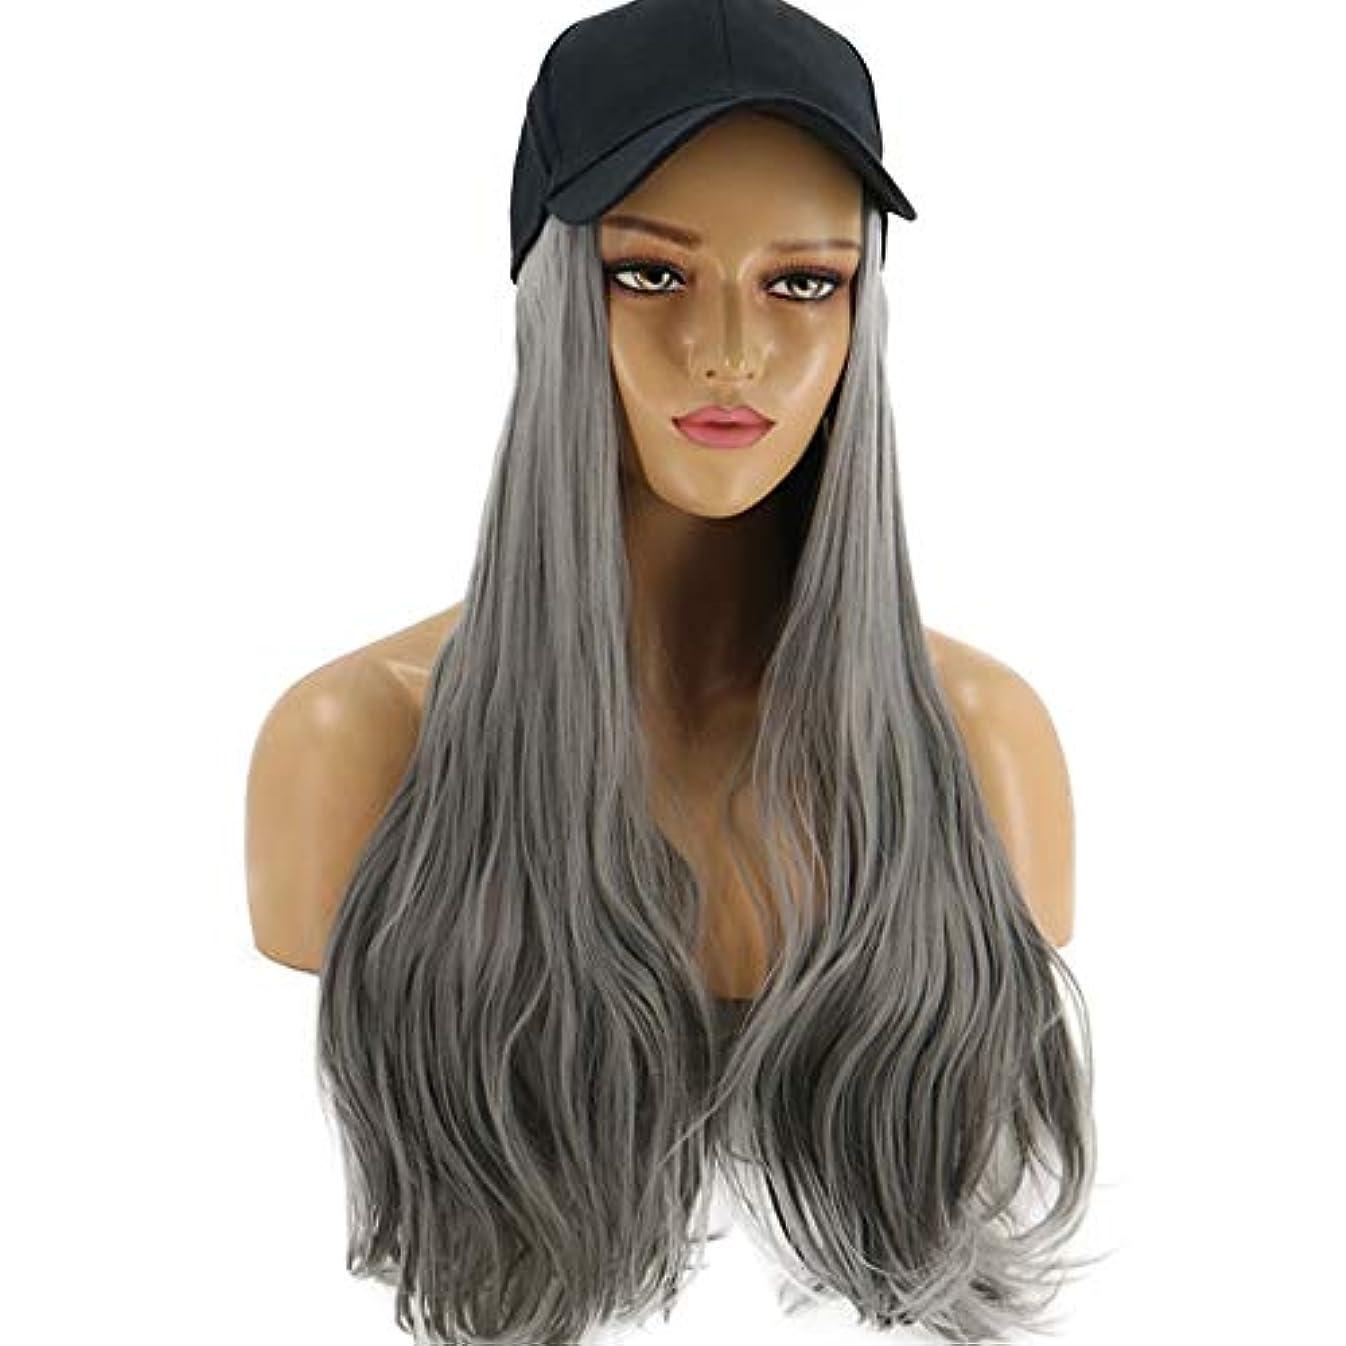 大胆不敵用語集合図HAILAN HOME-かつら ファッショングレーレディースウィッグハットワンピース帽子ウィッグ55センチメートルFarseeingカーリーヘアワンピース取り外し可能